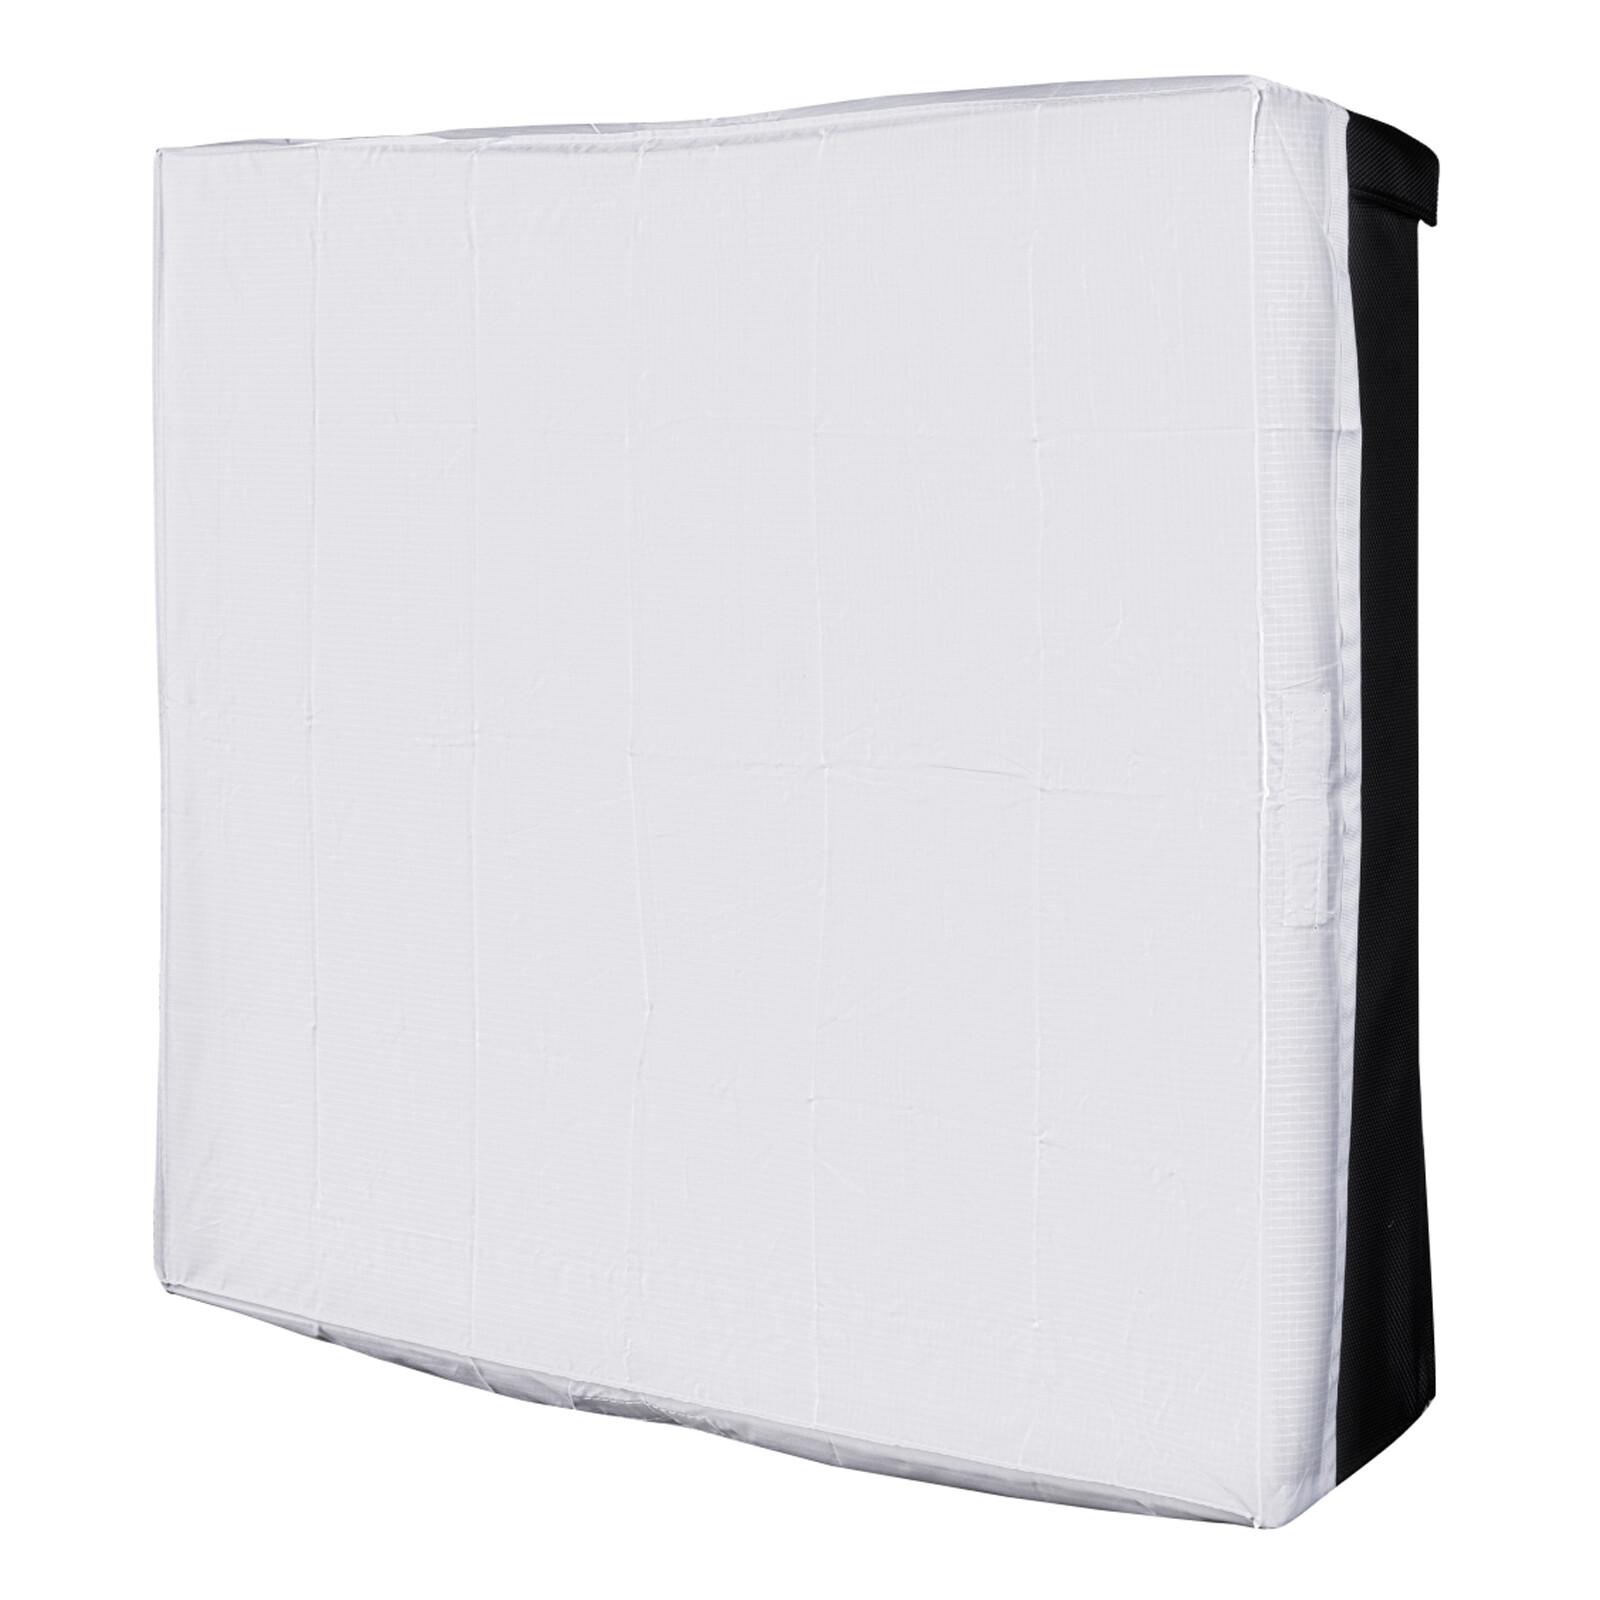 Walimex pro Softbox für Flex LED 1000 Bi Color